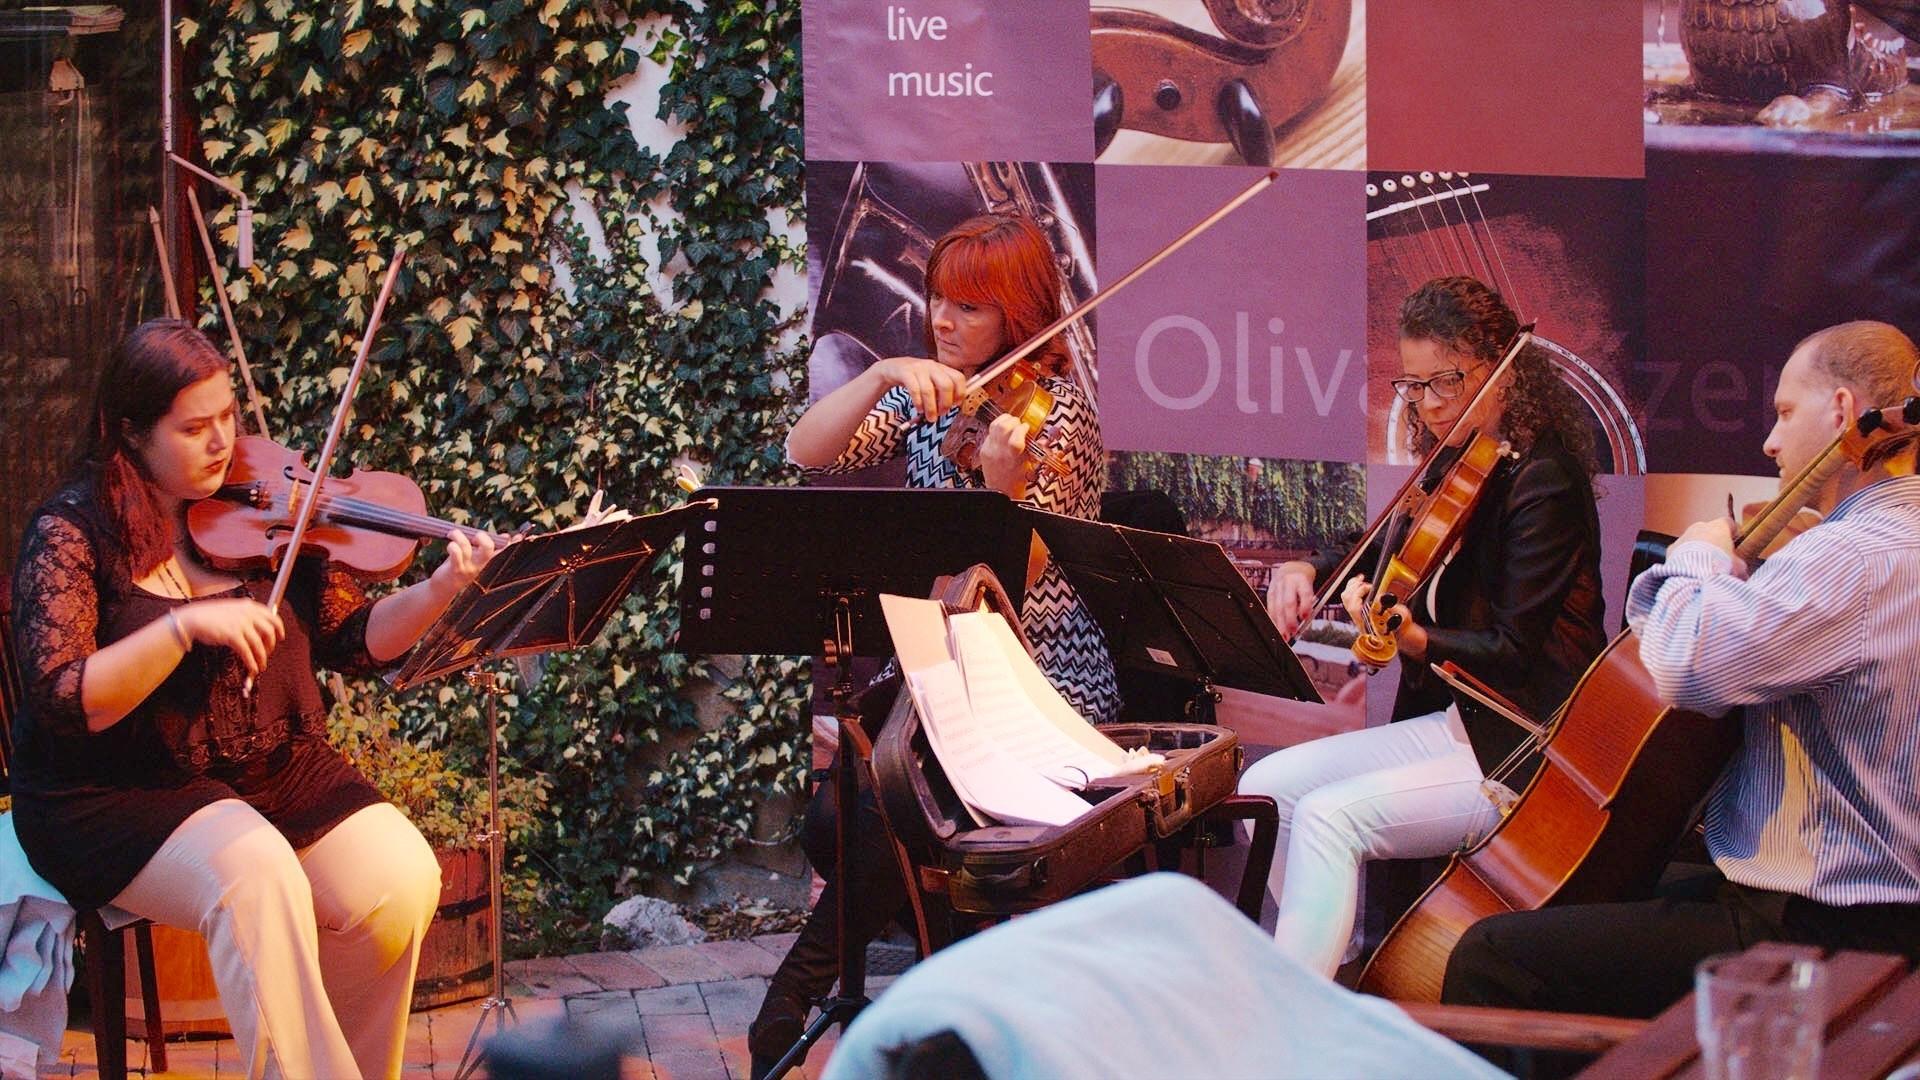 Oliva Hotel & Étterem – The Captain String Quartet